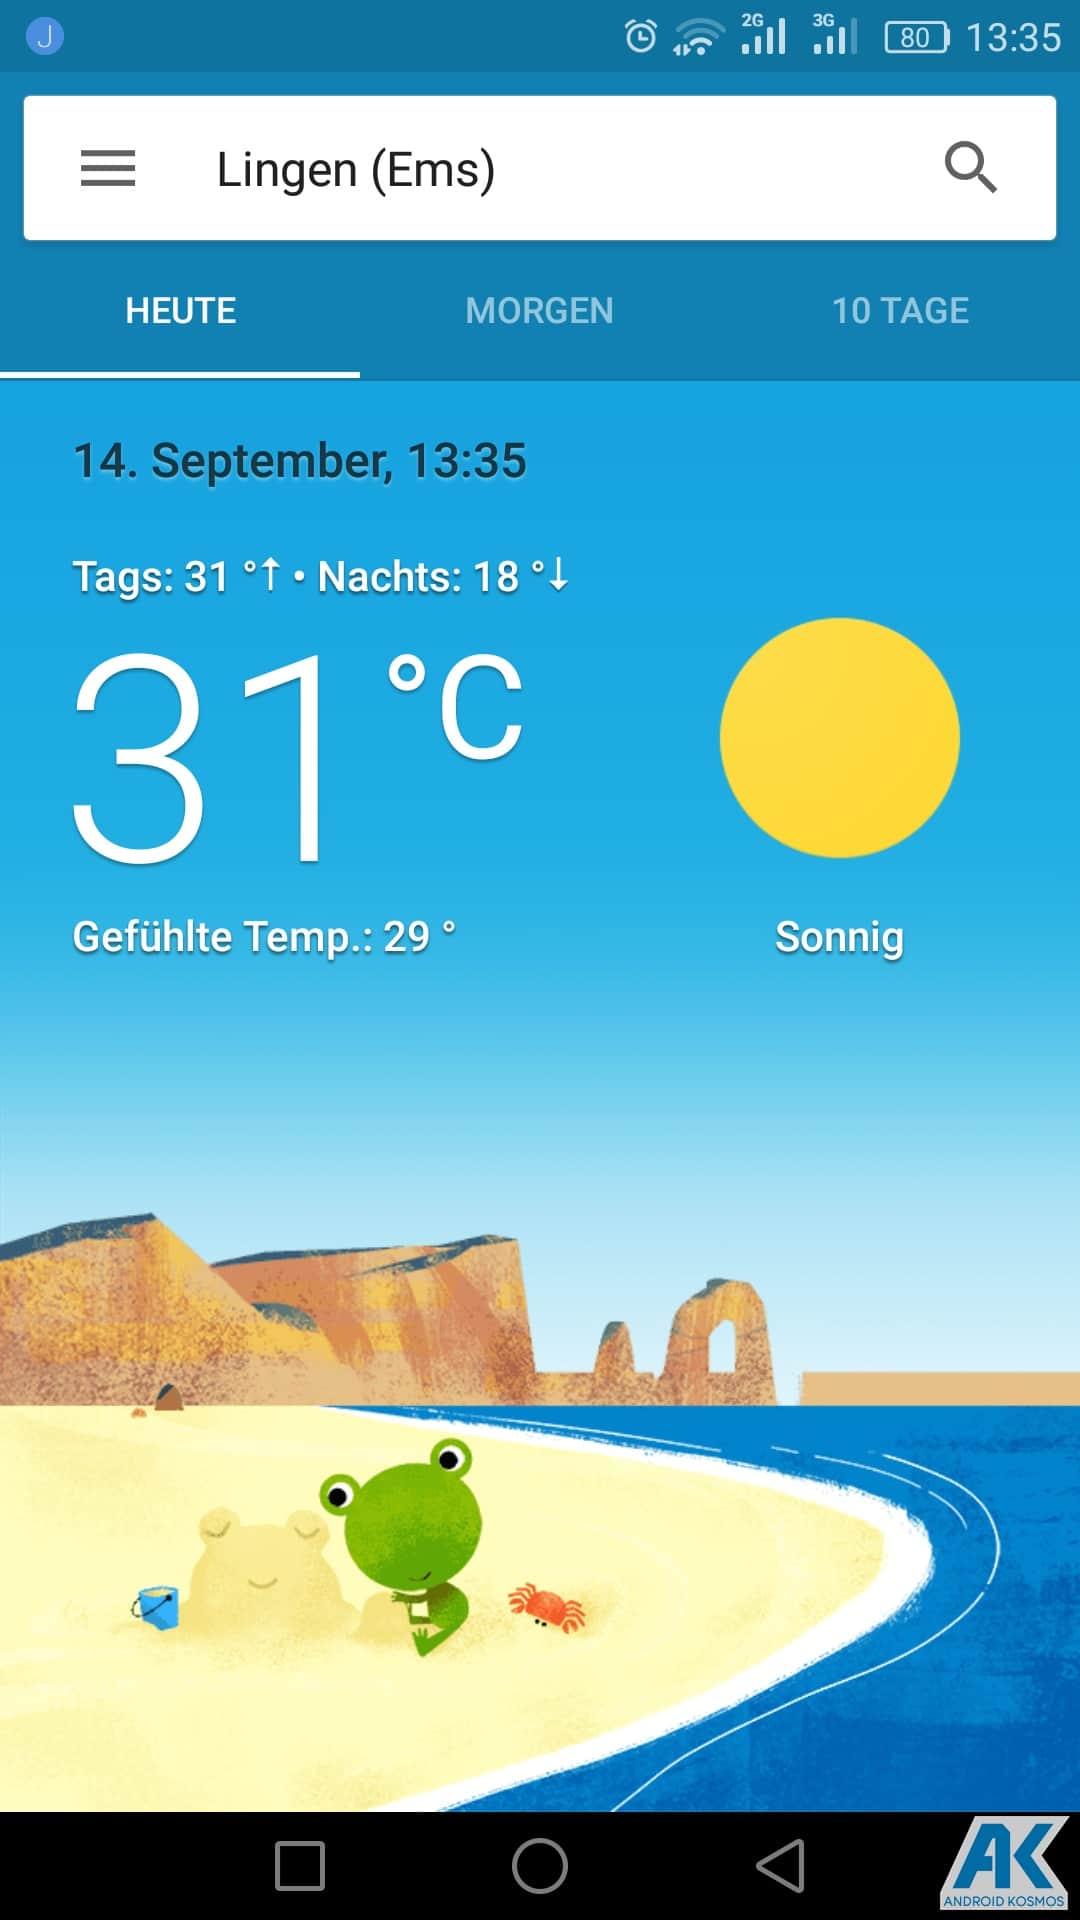 AndroidKosmos | Google Now Wetter-Karten jetzt auch für deutsche Nutzern verfügbar 6